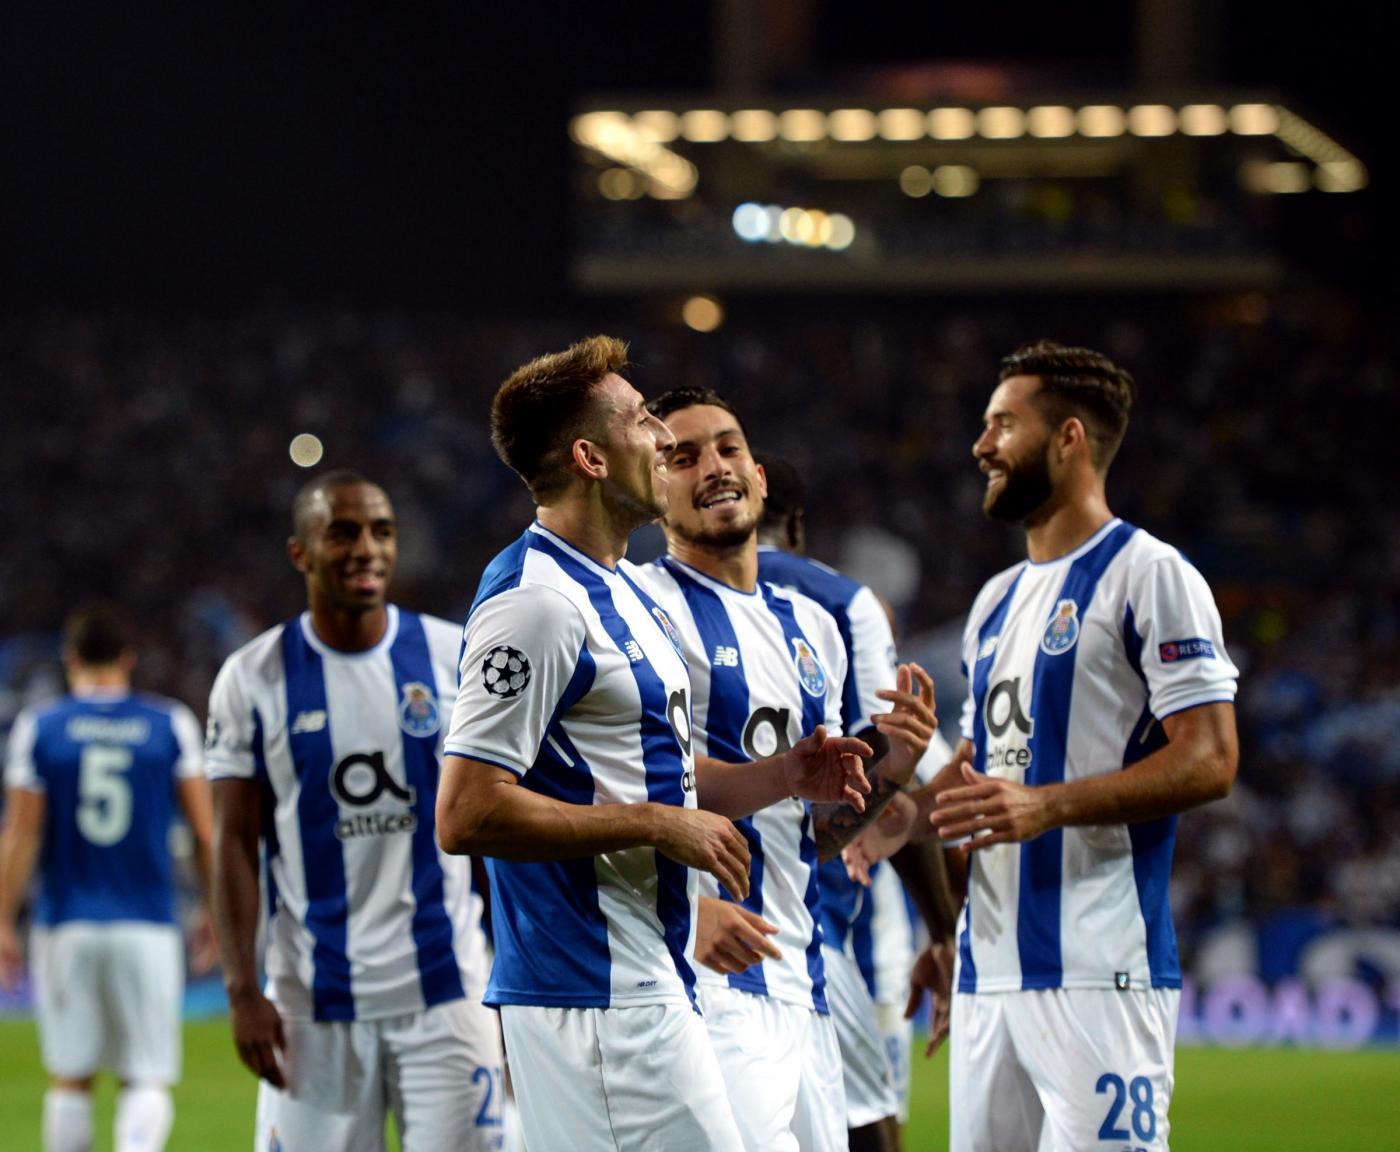 Portogallo Primeira Liga 11 maggio: analisi e pronostico della giornata della massima divisione calcistica portoghese